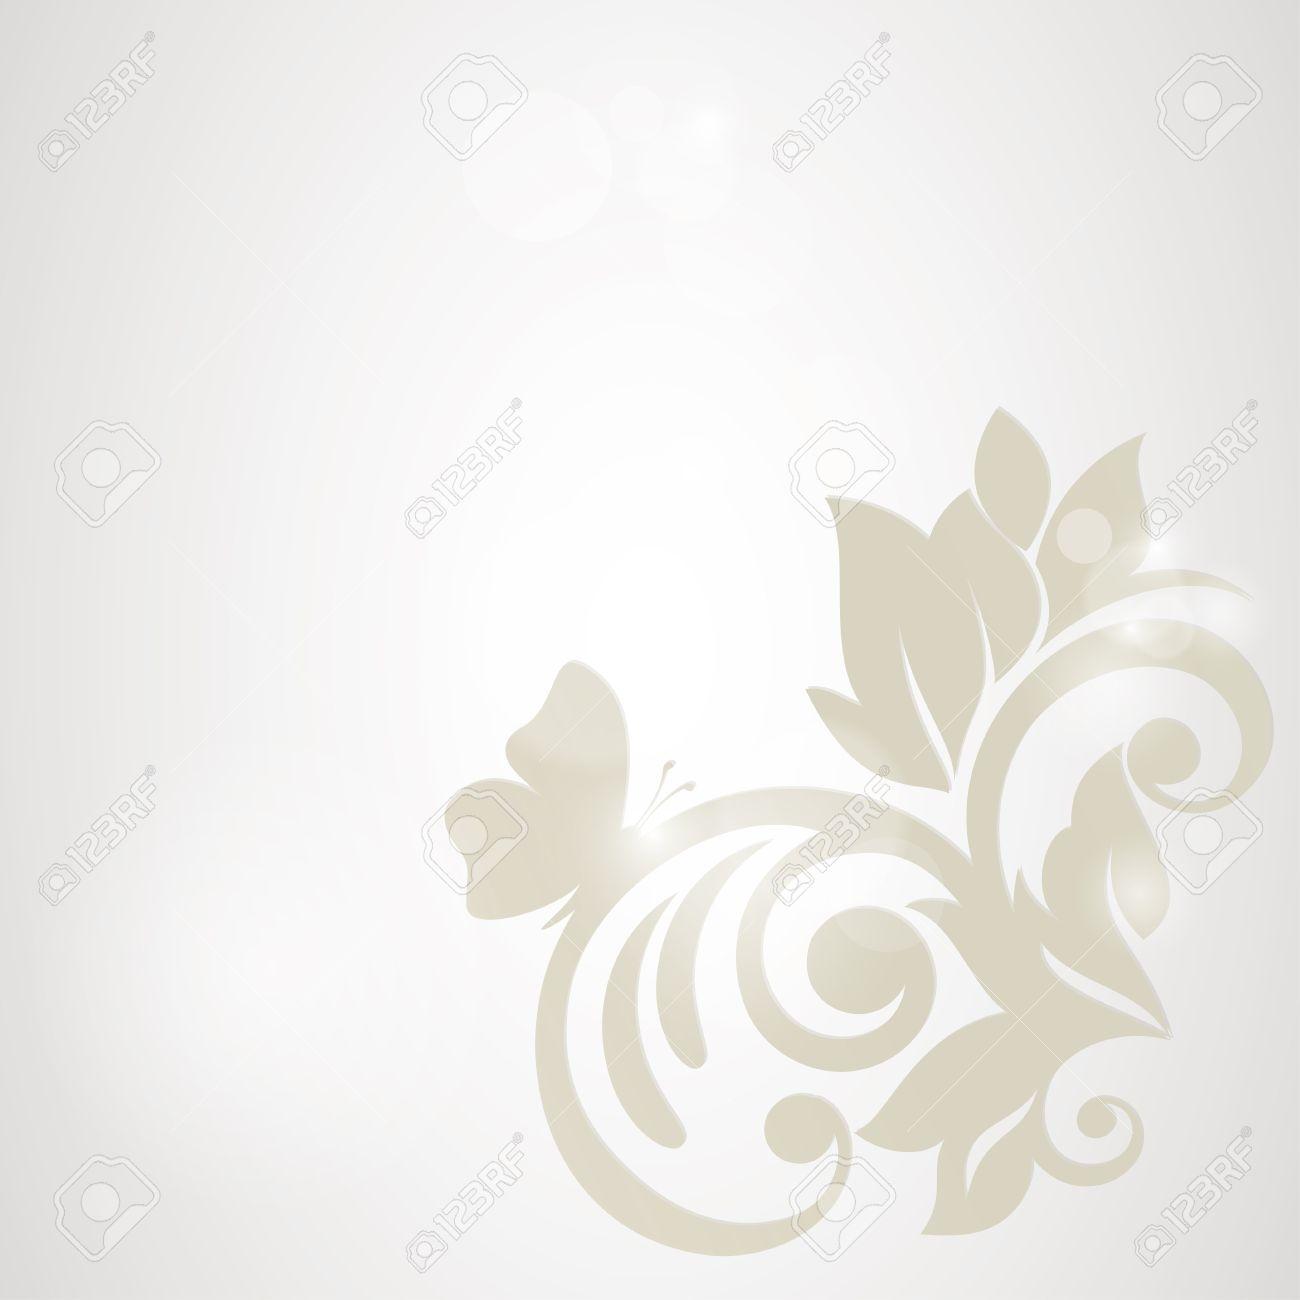 Floral Background Carte De Mariage Ou Une Invitation Avec Le Modele D Elegance Flore Fond Abstrait Voeux Des Fleurs Dans La Style